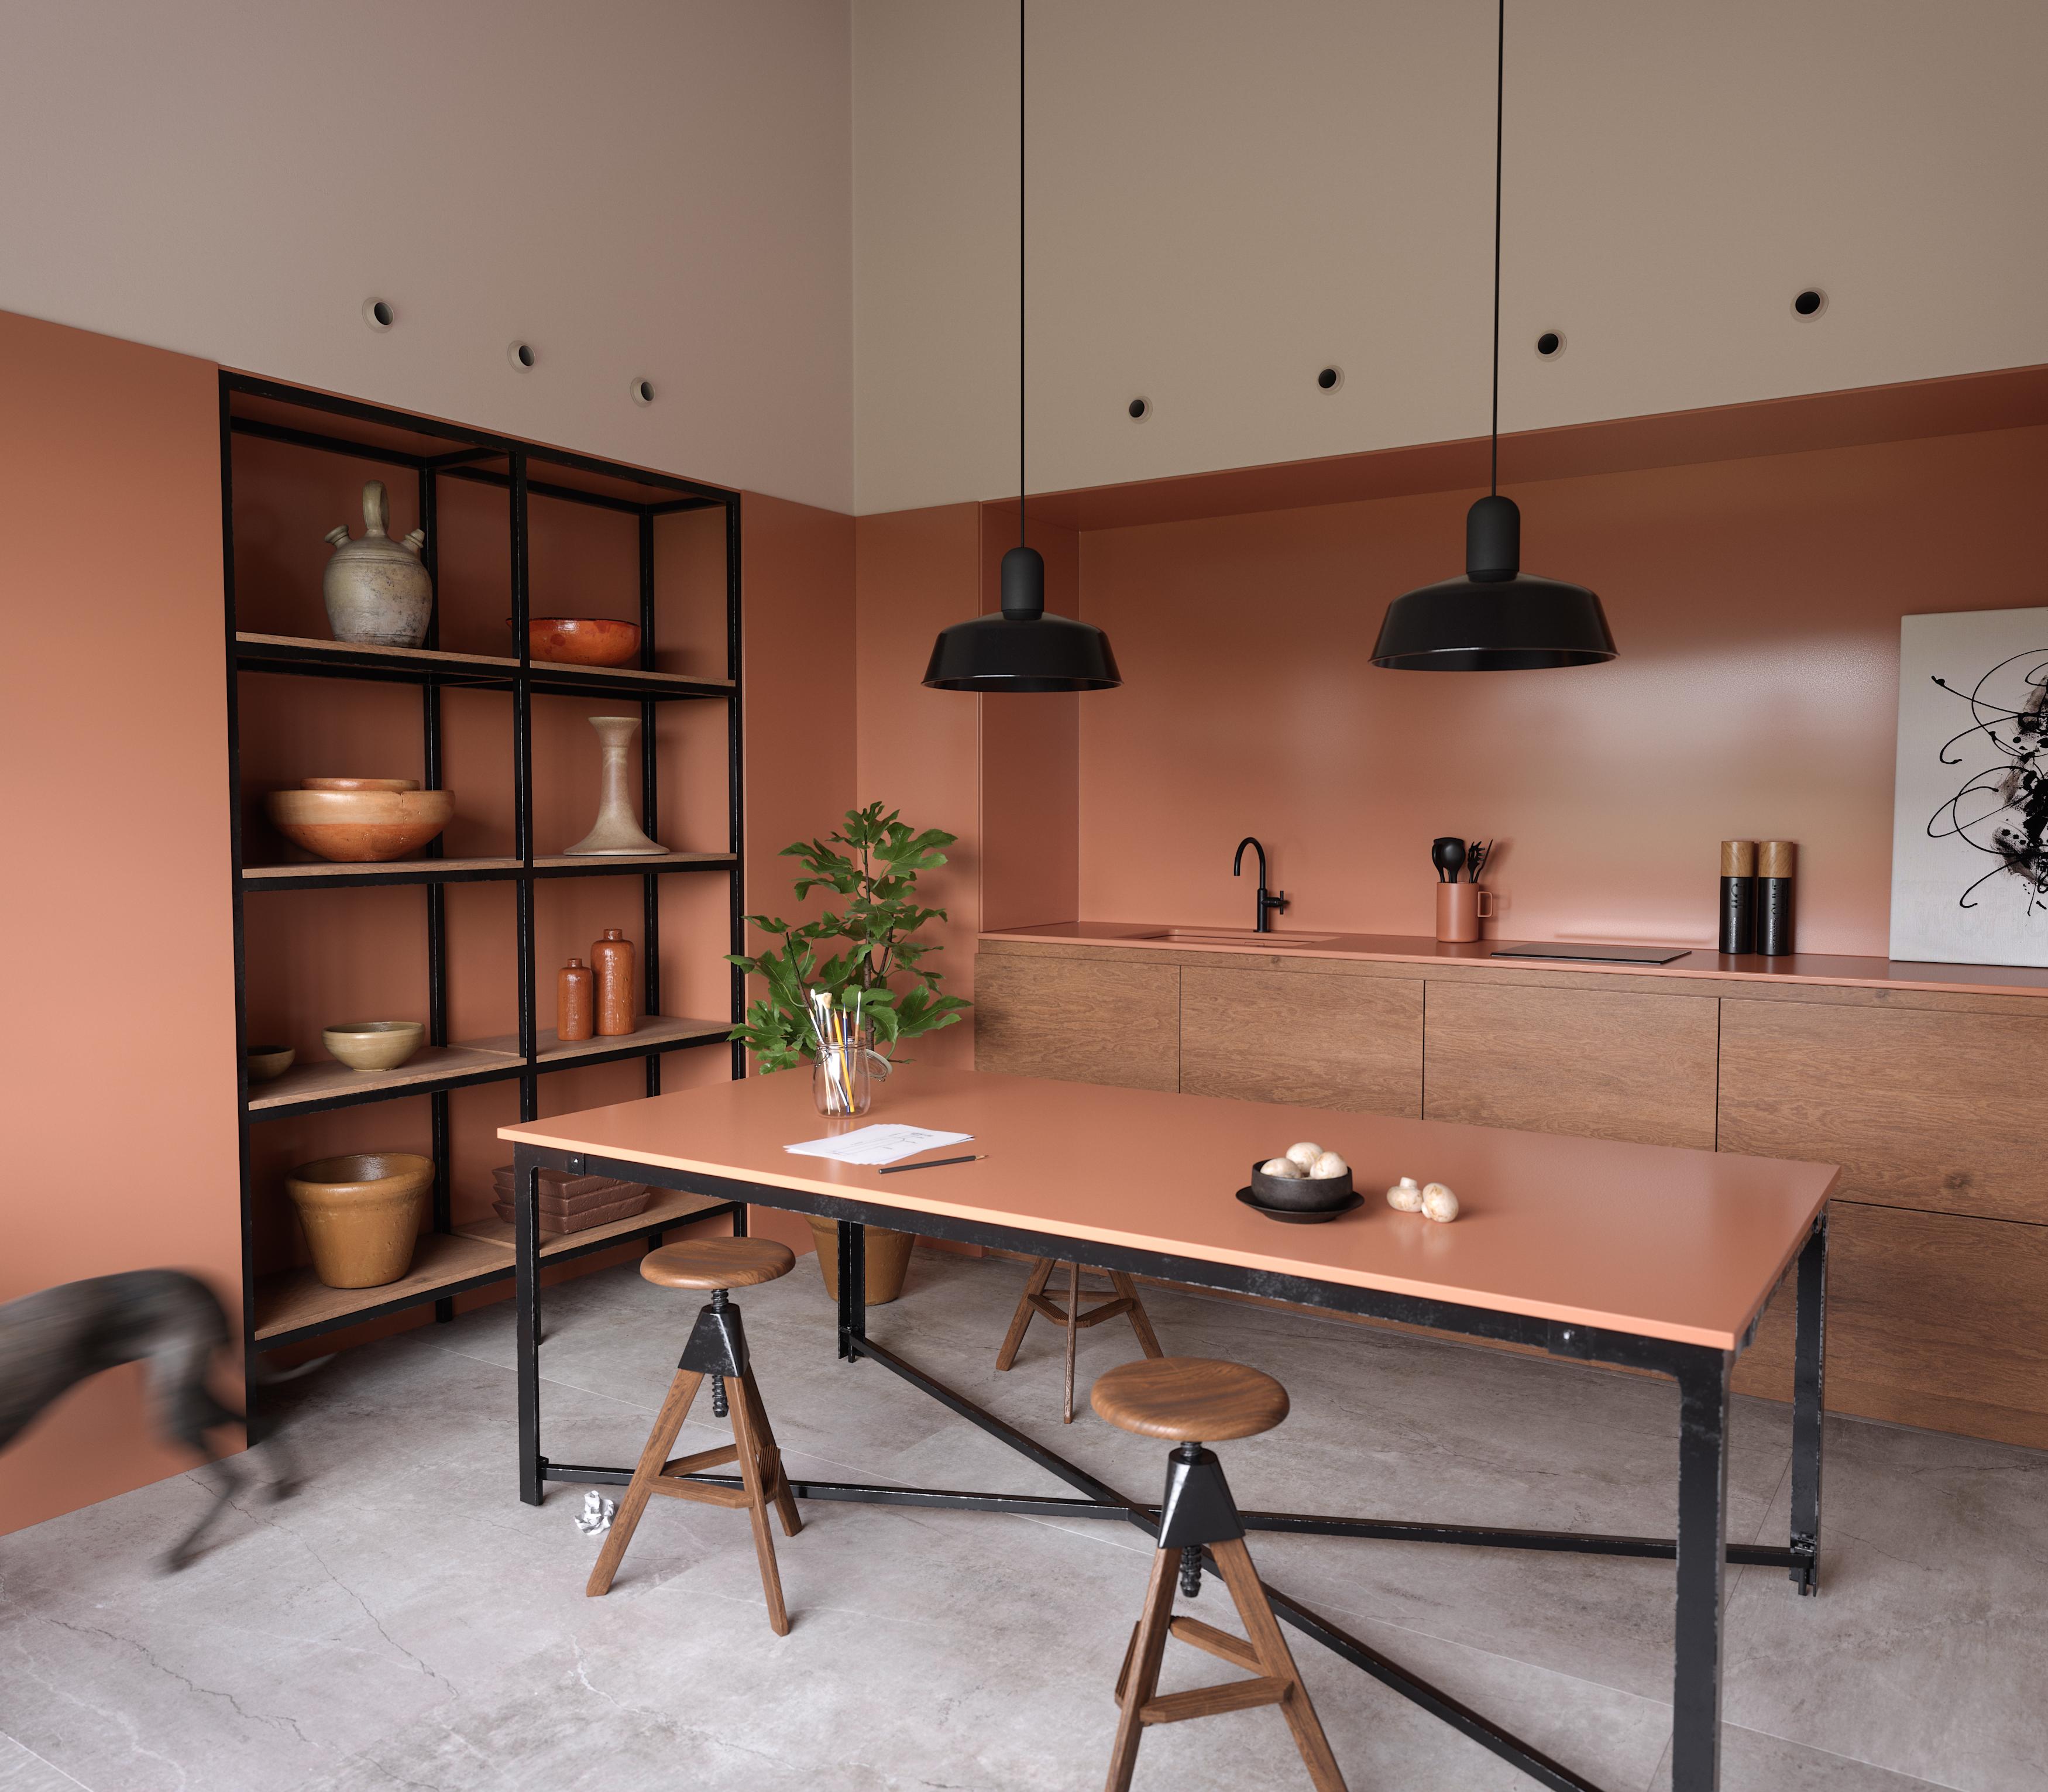 silestone cosentino novas cores baseadas na história de pessoas reais cozinha bancada madeira ilha decoração mesa de jantar